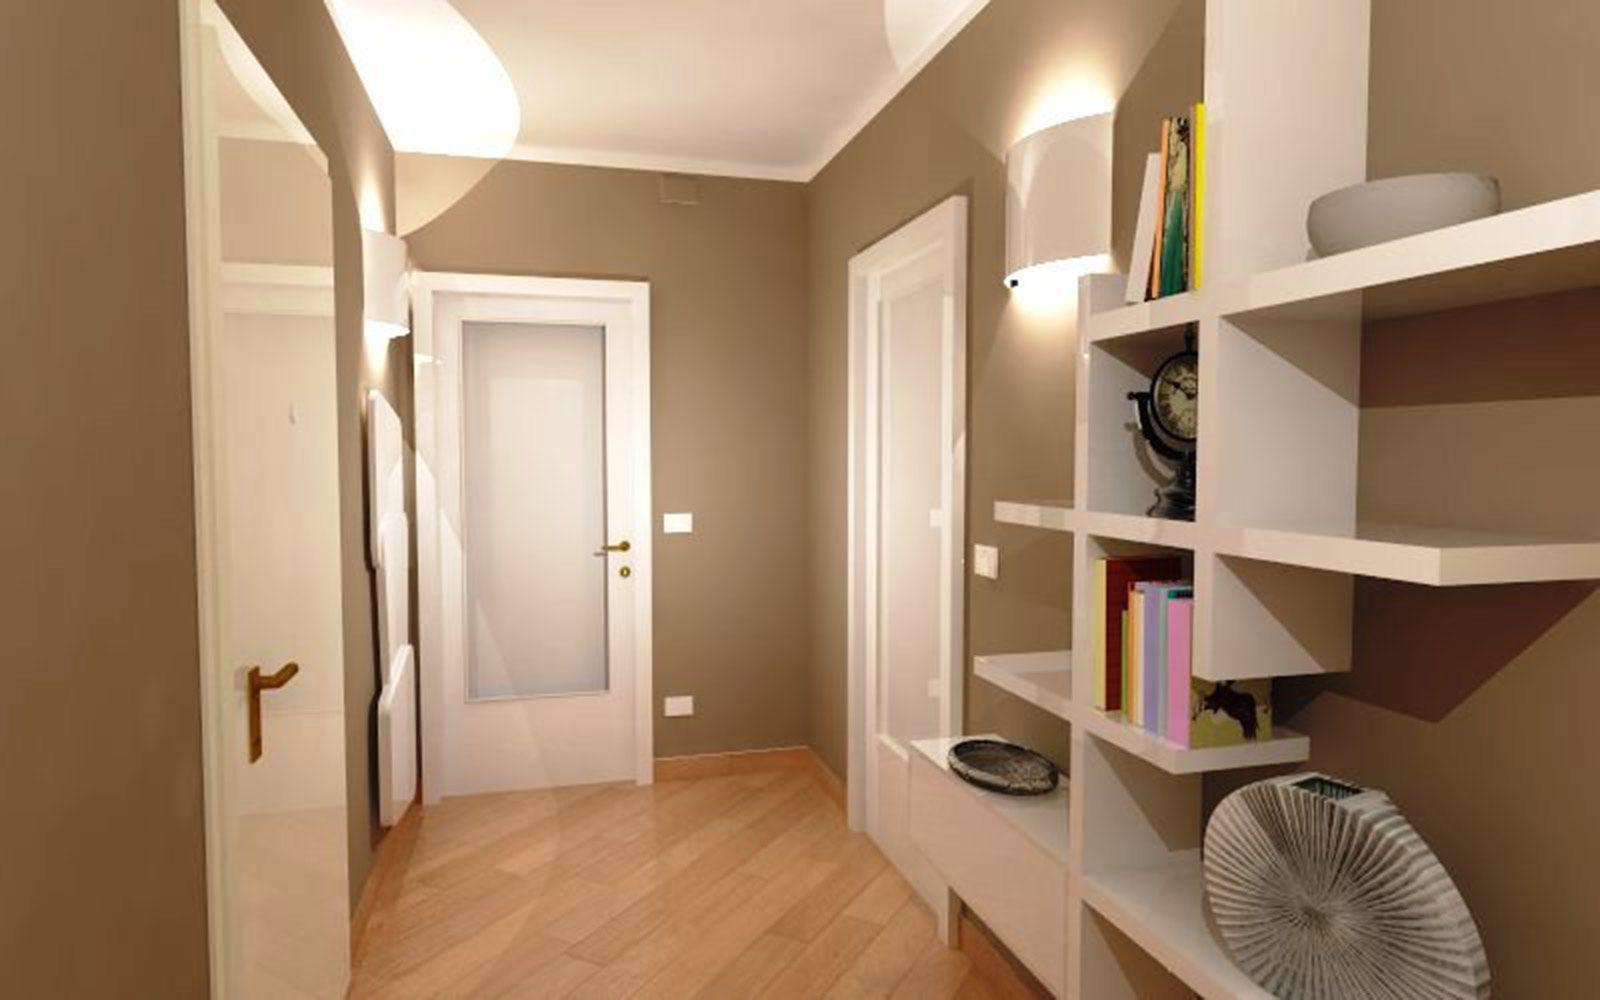 Corridoio quali finiture per pavimento e porte cose di for Arredare corridoio